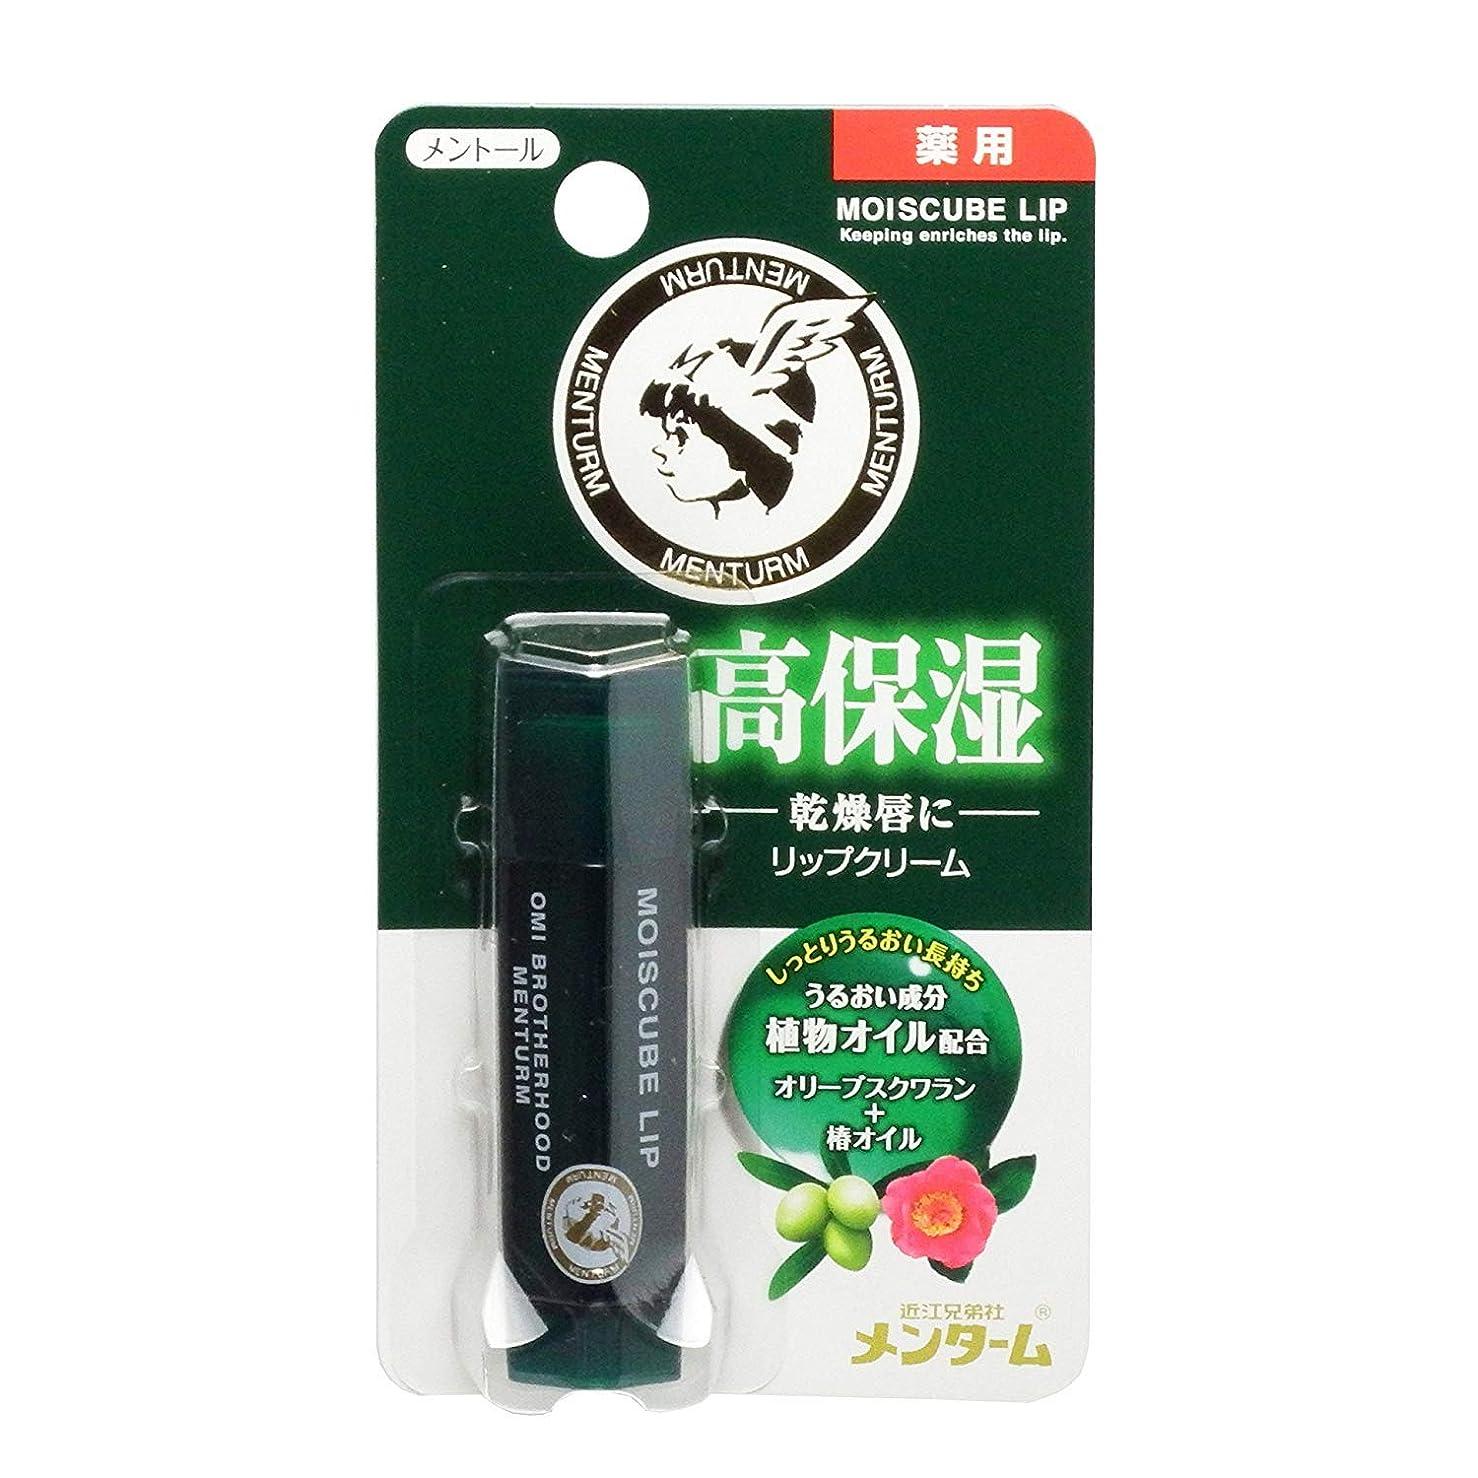 スケッチピケ煙突メンターム モイスキューブリップ メントール 4g (医薬部外品) ×4本セット